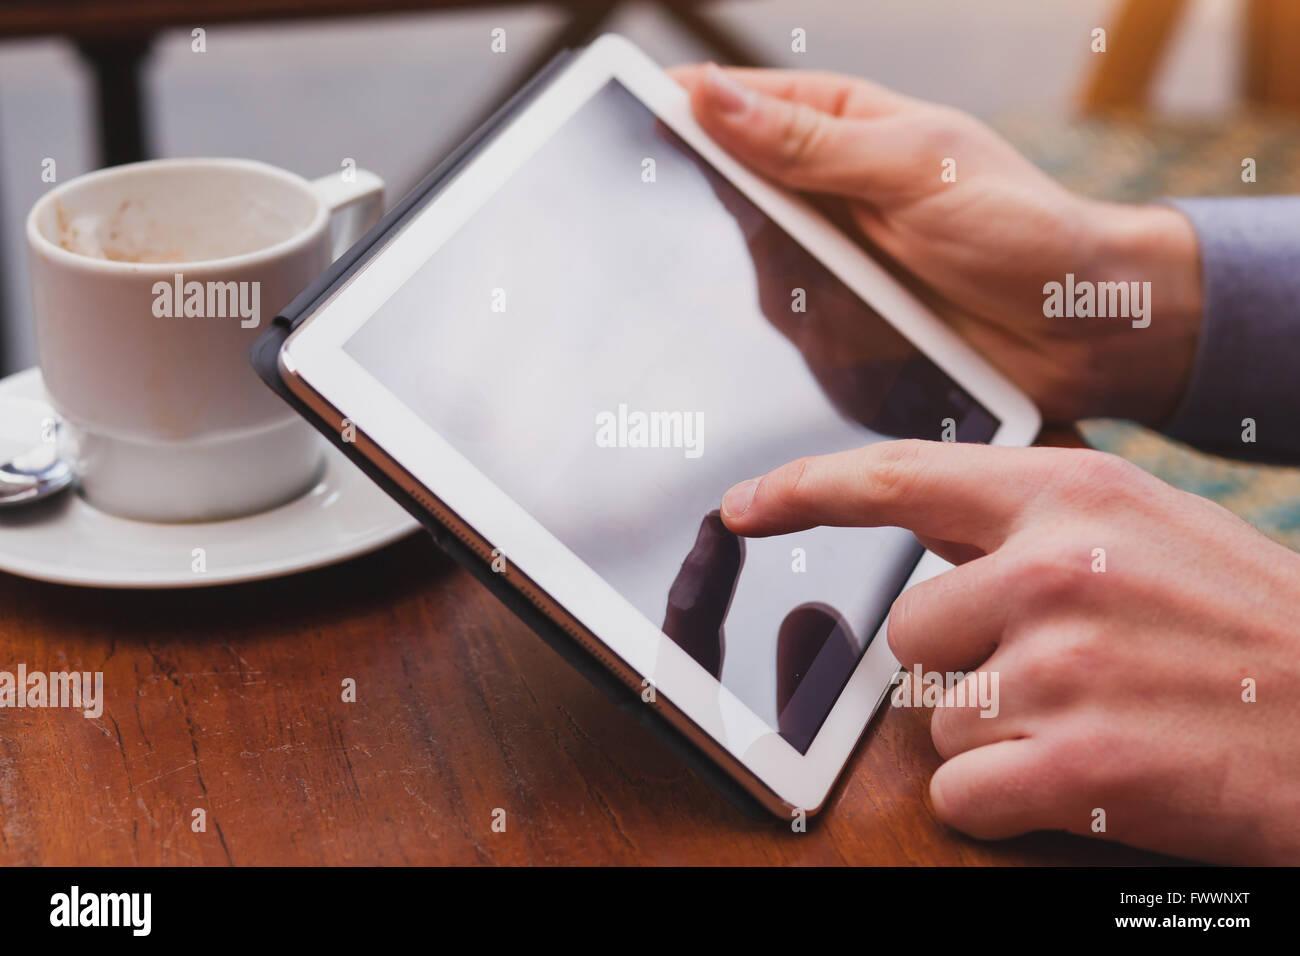 Usando internet en tablet en cafe, comprobar el correo electrónico y las redes sociales en el touchpad, acercamiento Imagen De Stock